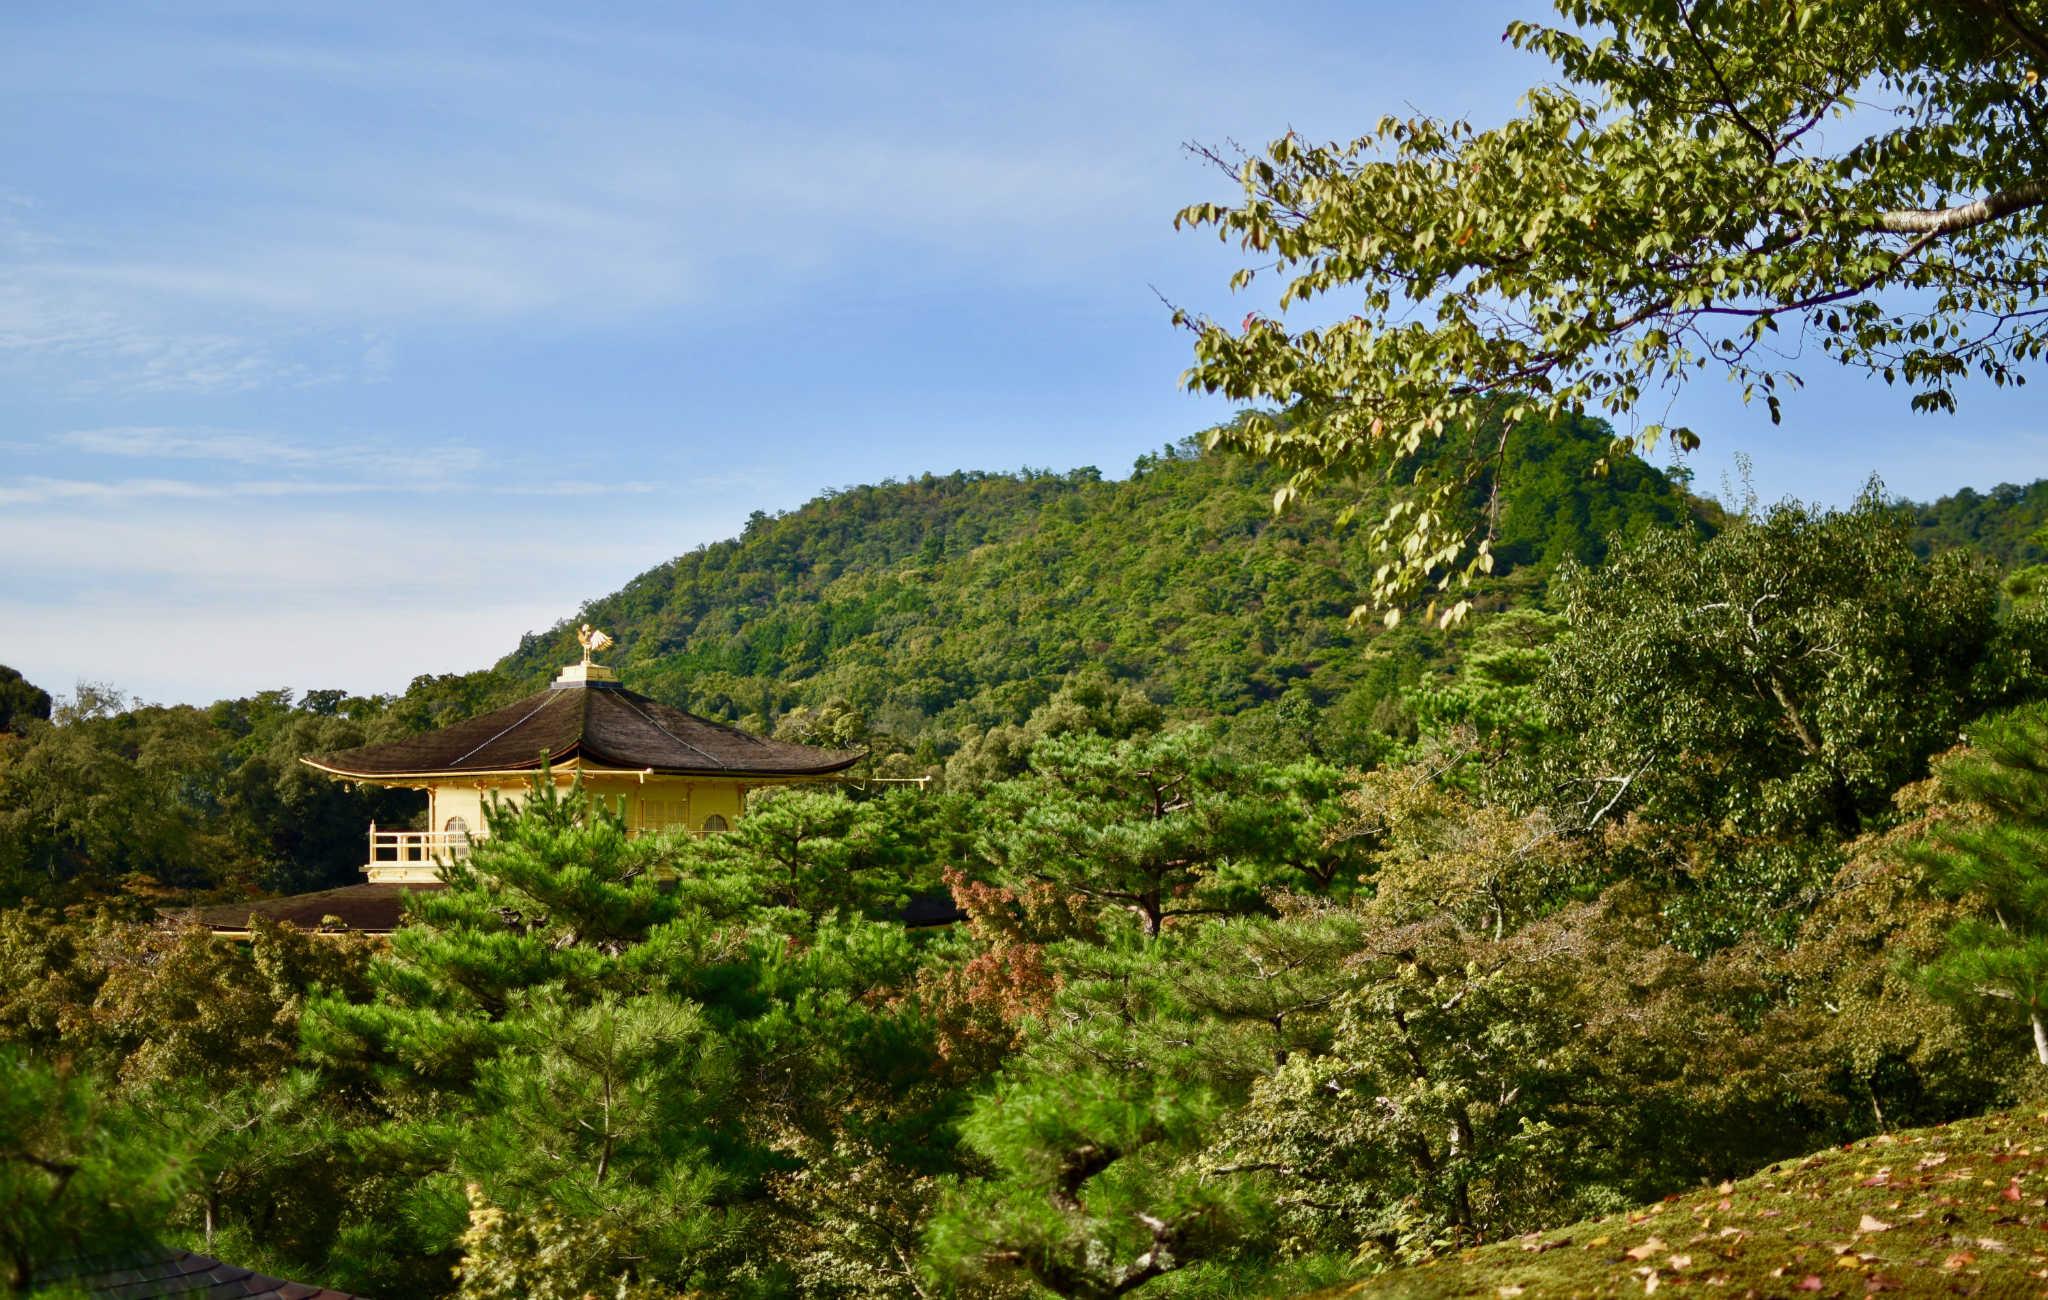 En haut du chemin vous aprécierez la vue sur le temple